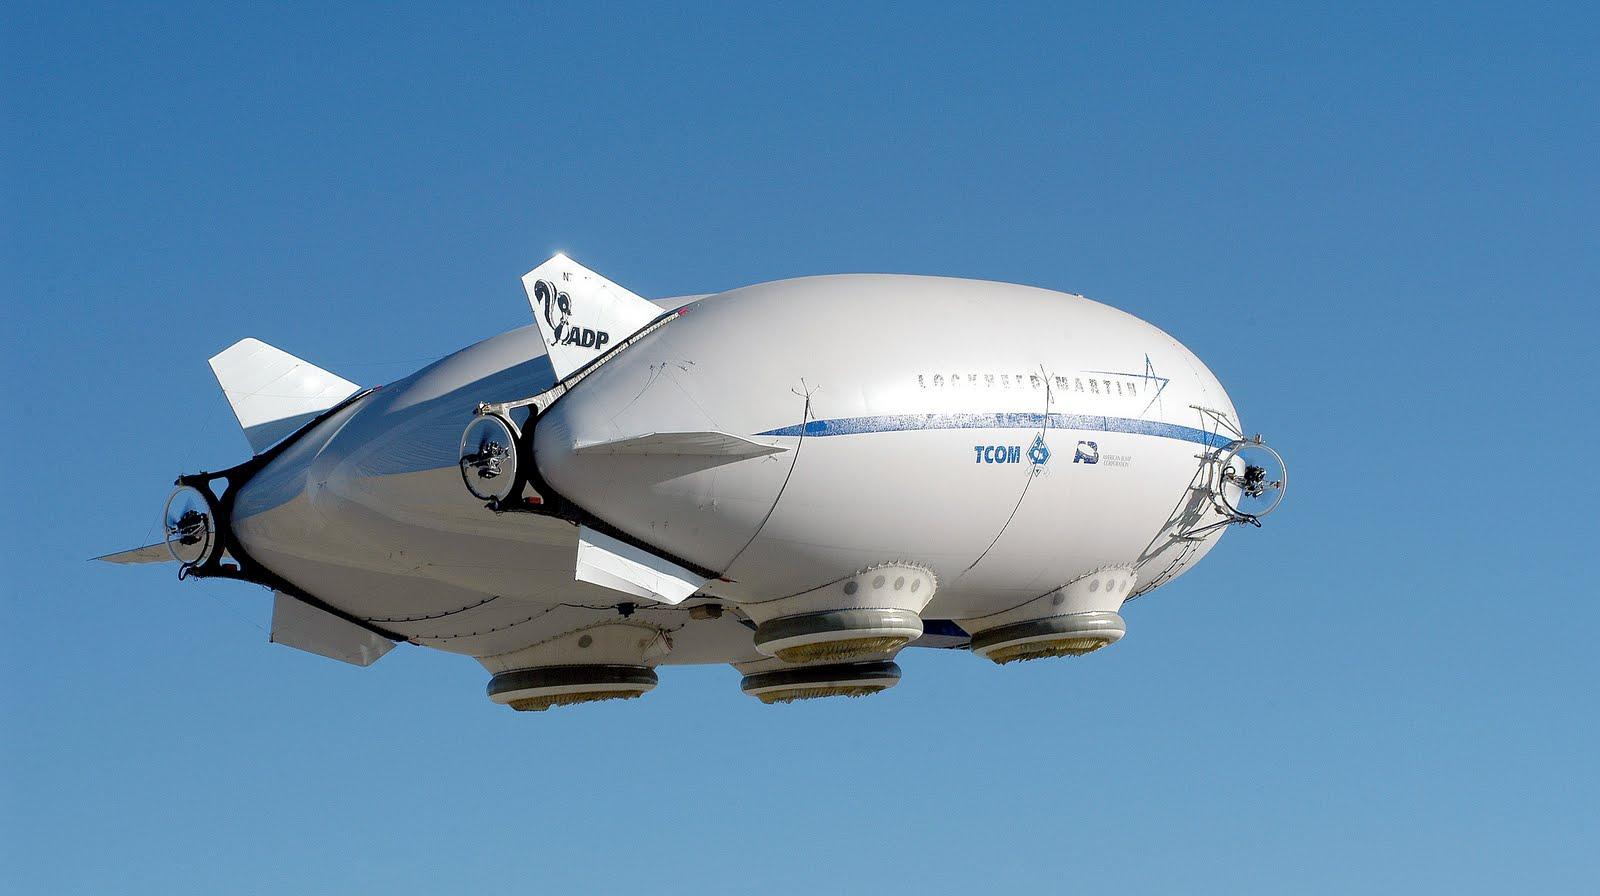 اكبر 10 شركات على الكوكب لبيع السلاح  Lockheed_martin_P791_hybrid_aircraft-wallpaper